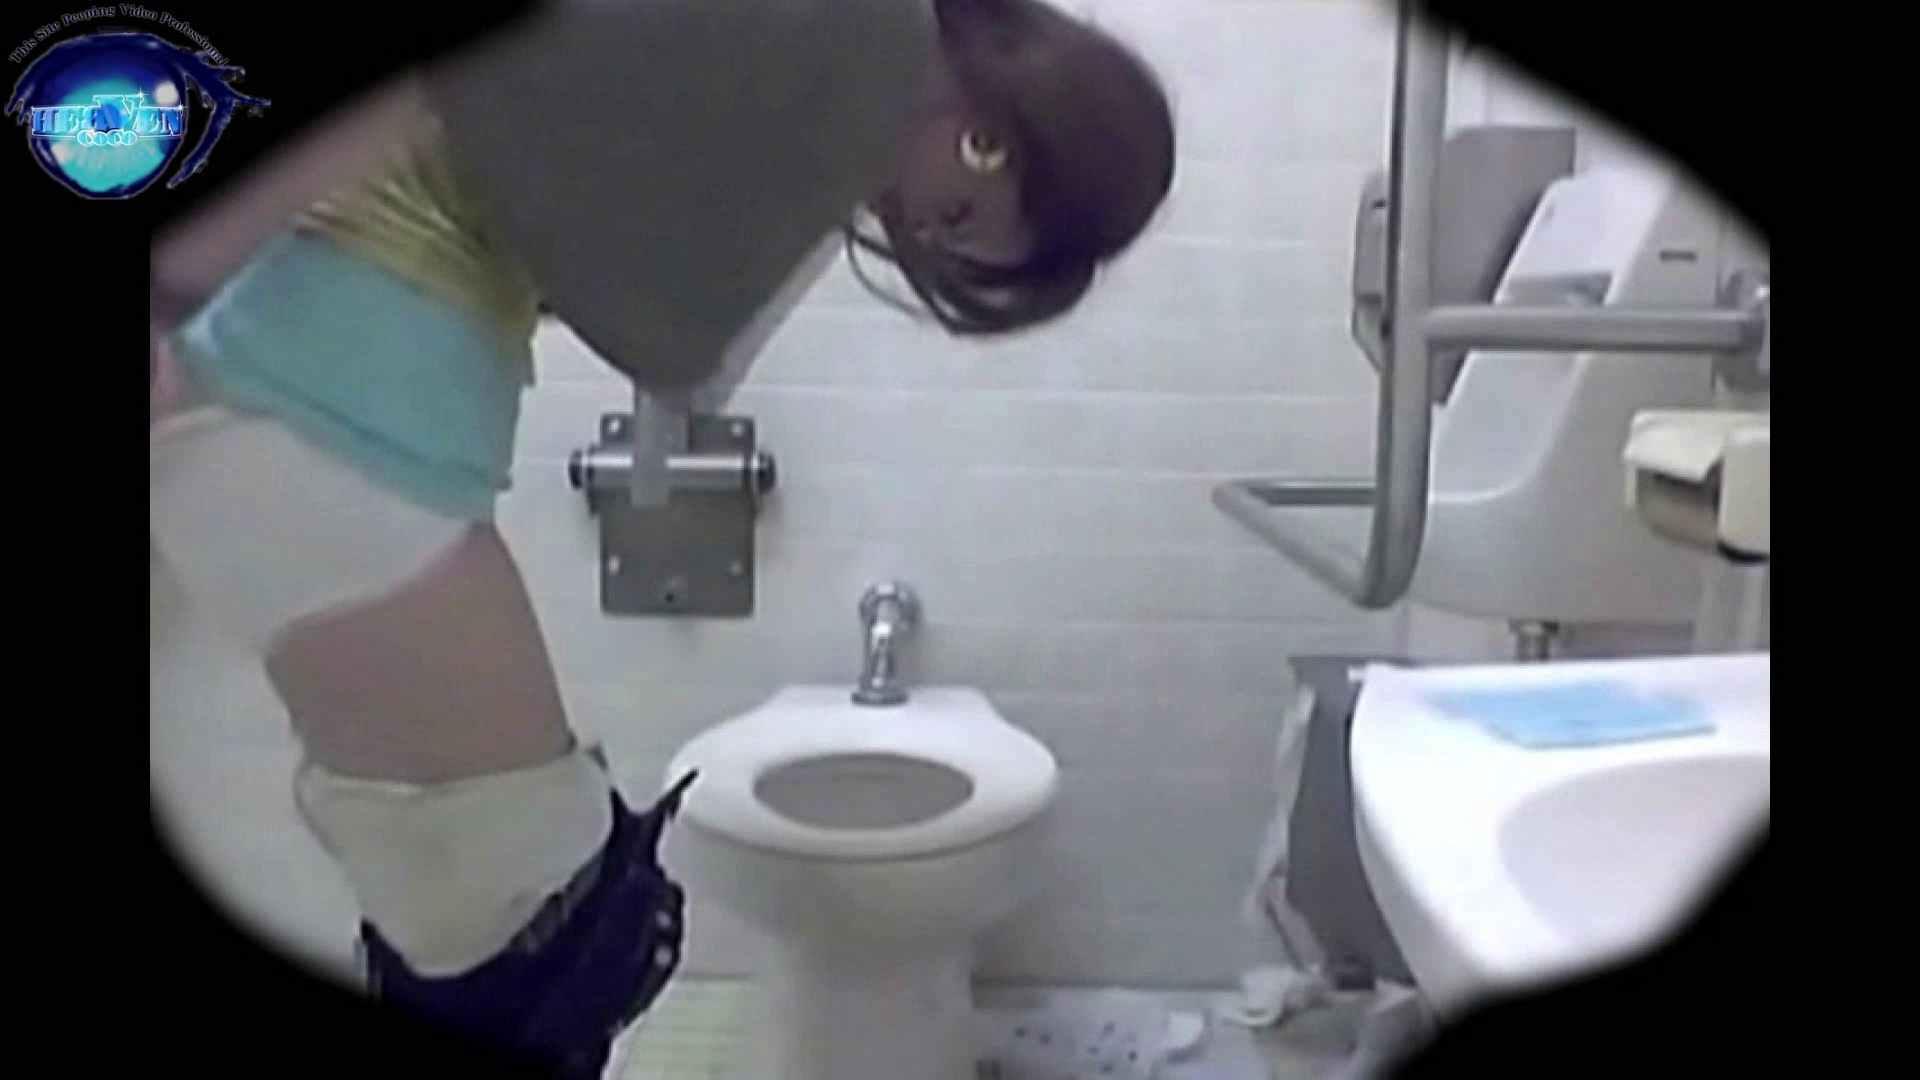 teen galトイレ覗き紙がナイ編‼vol.17 トイレの中まで SEX無修正画像 11枚 11